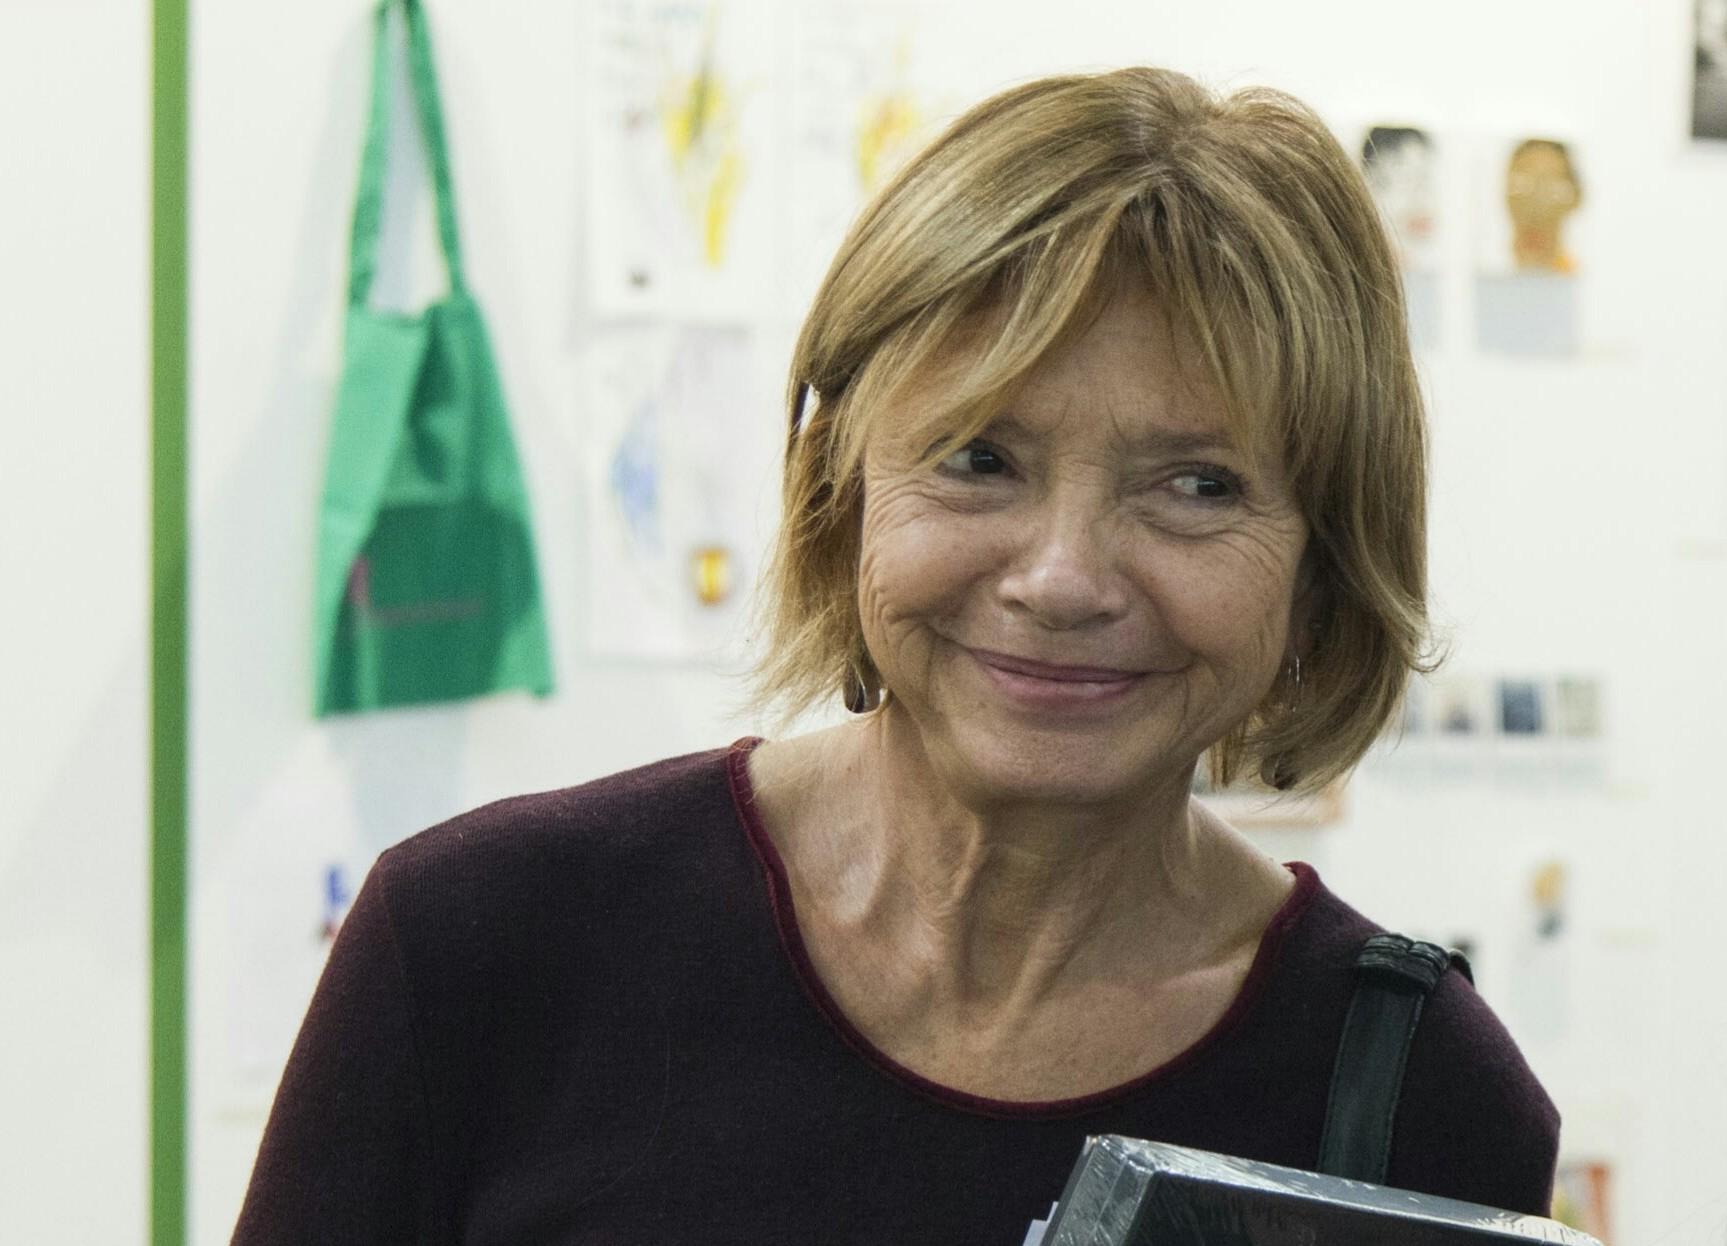 Adriana Polveroni nuova direttrice di ArtVerona